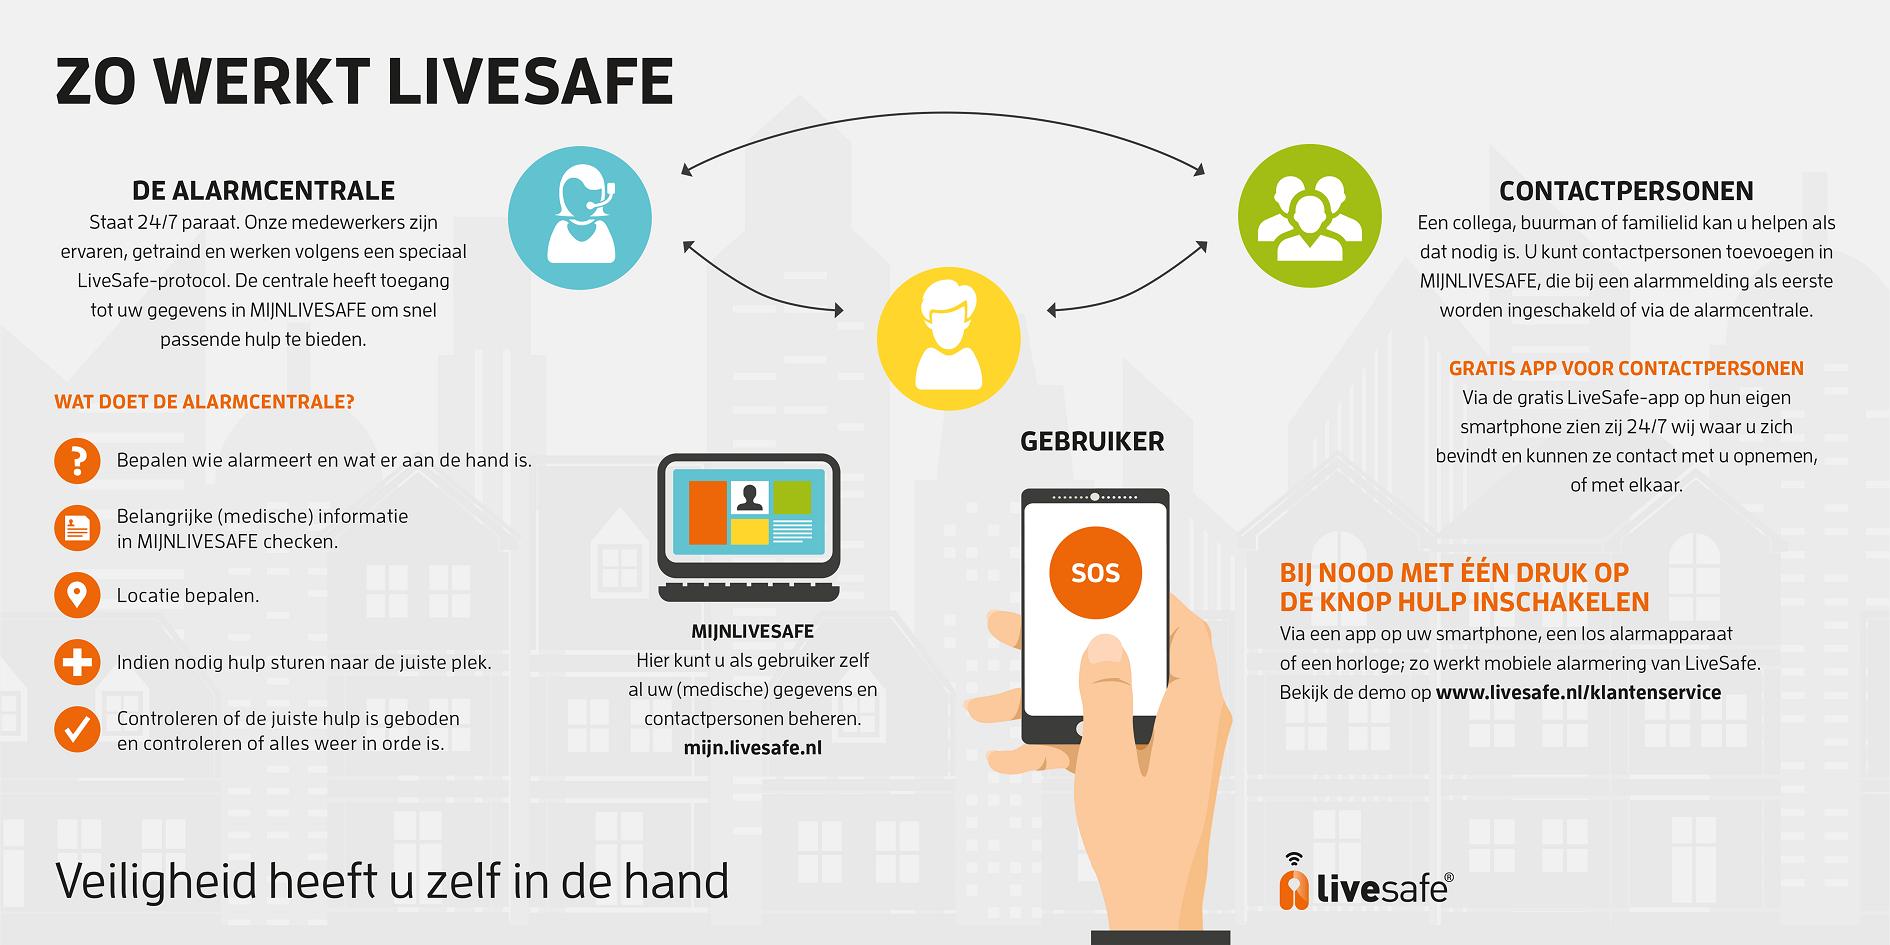 LiveSafe mobiele alarmering voor personen